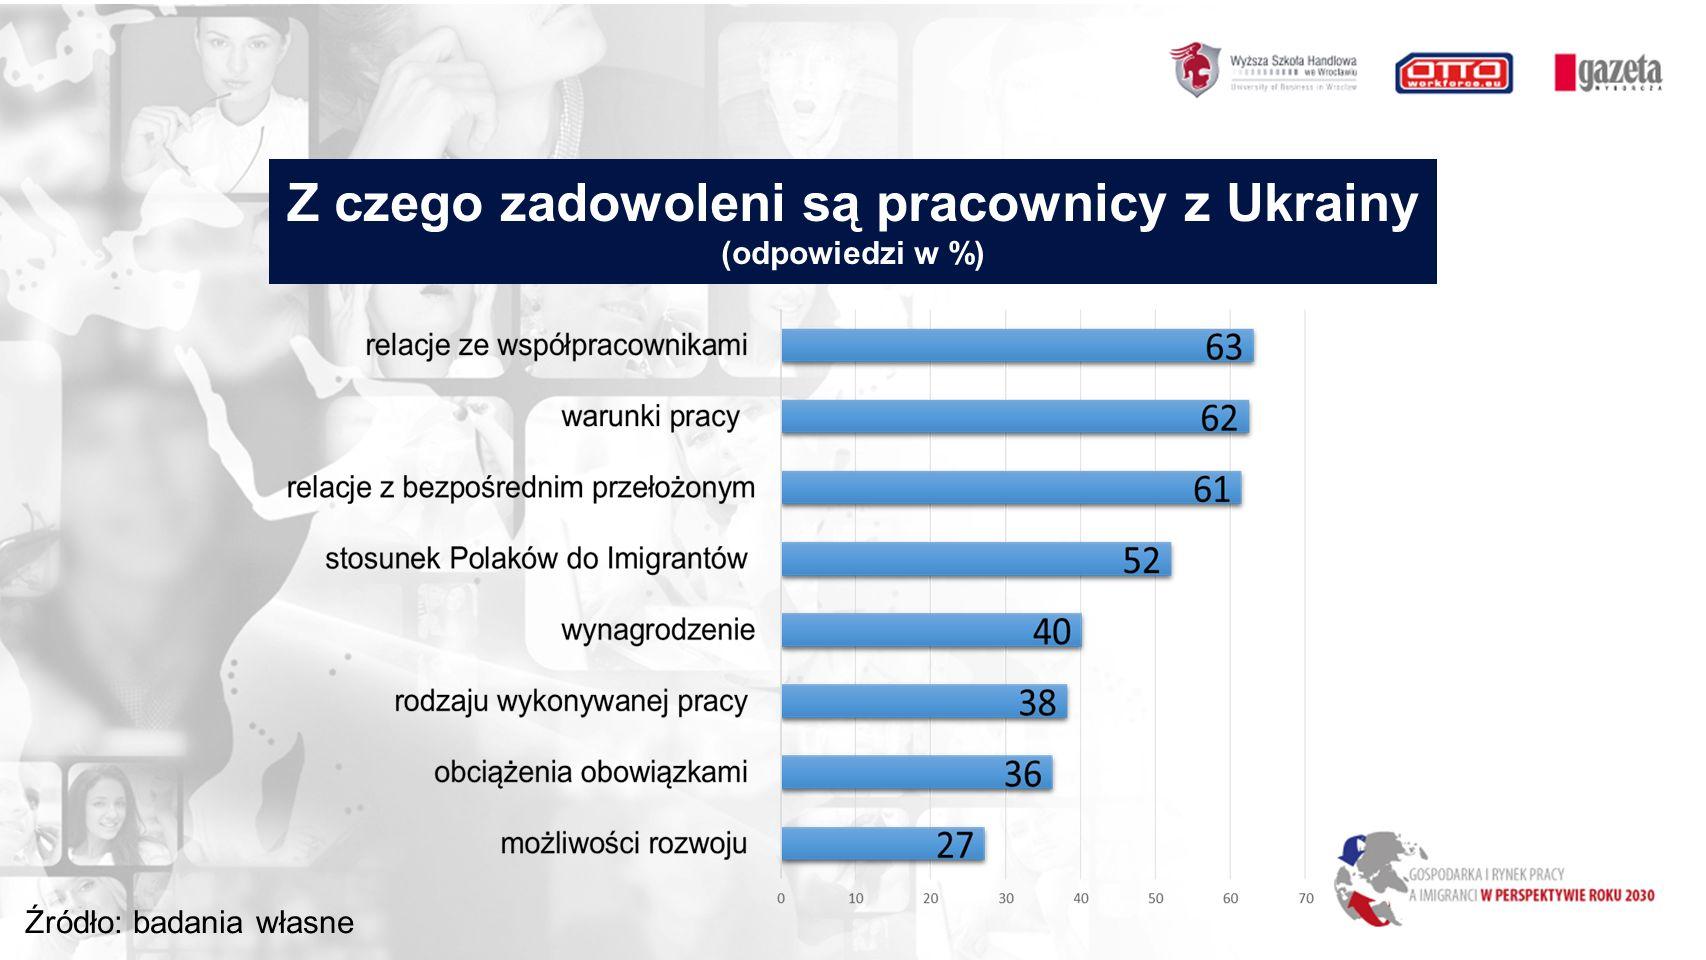 Z czego zadowoleni są pracownicy z Ukrainy (odpowiedzi w %) Źródło: badania własne